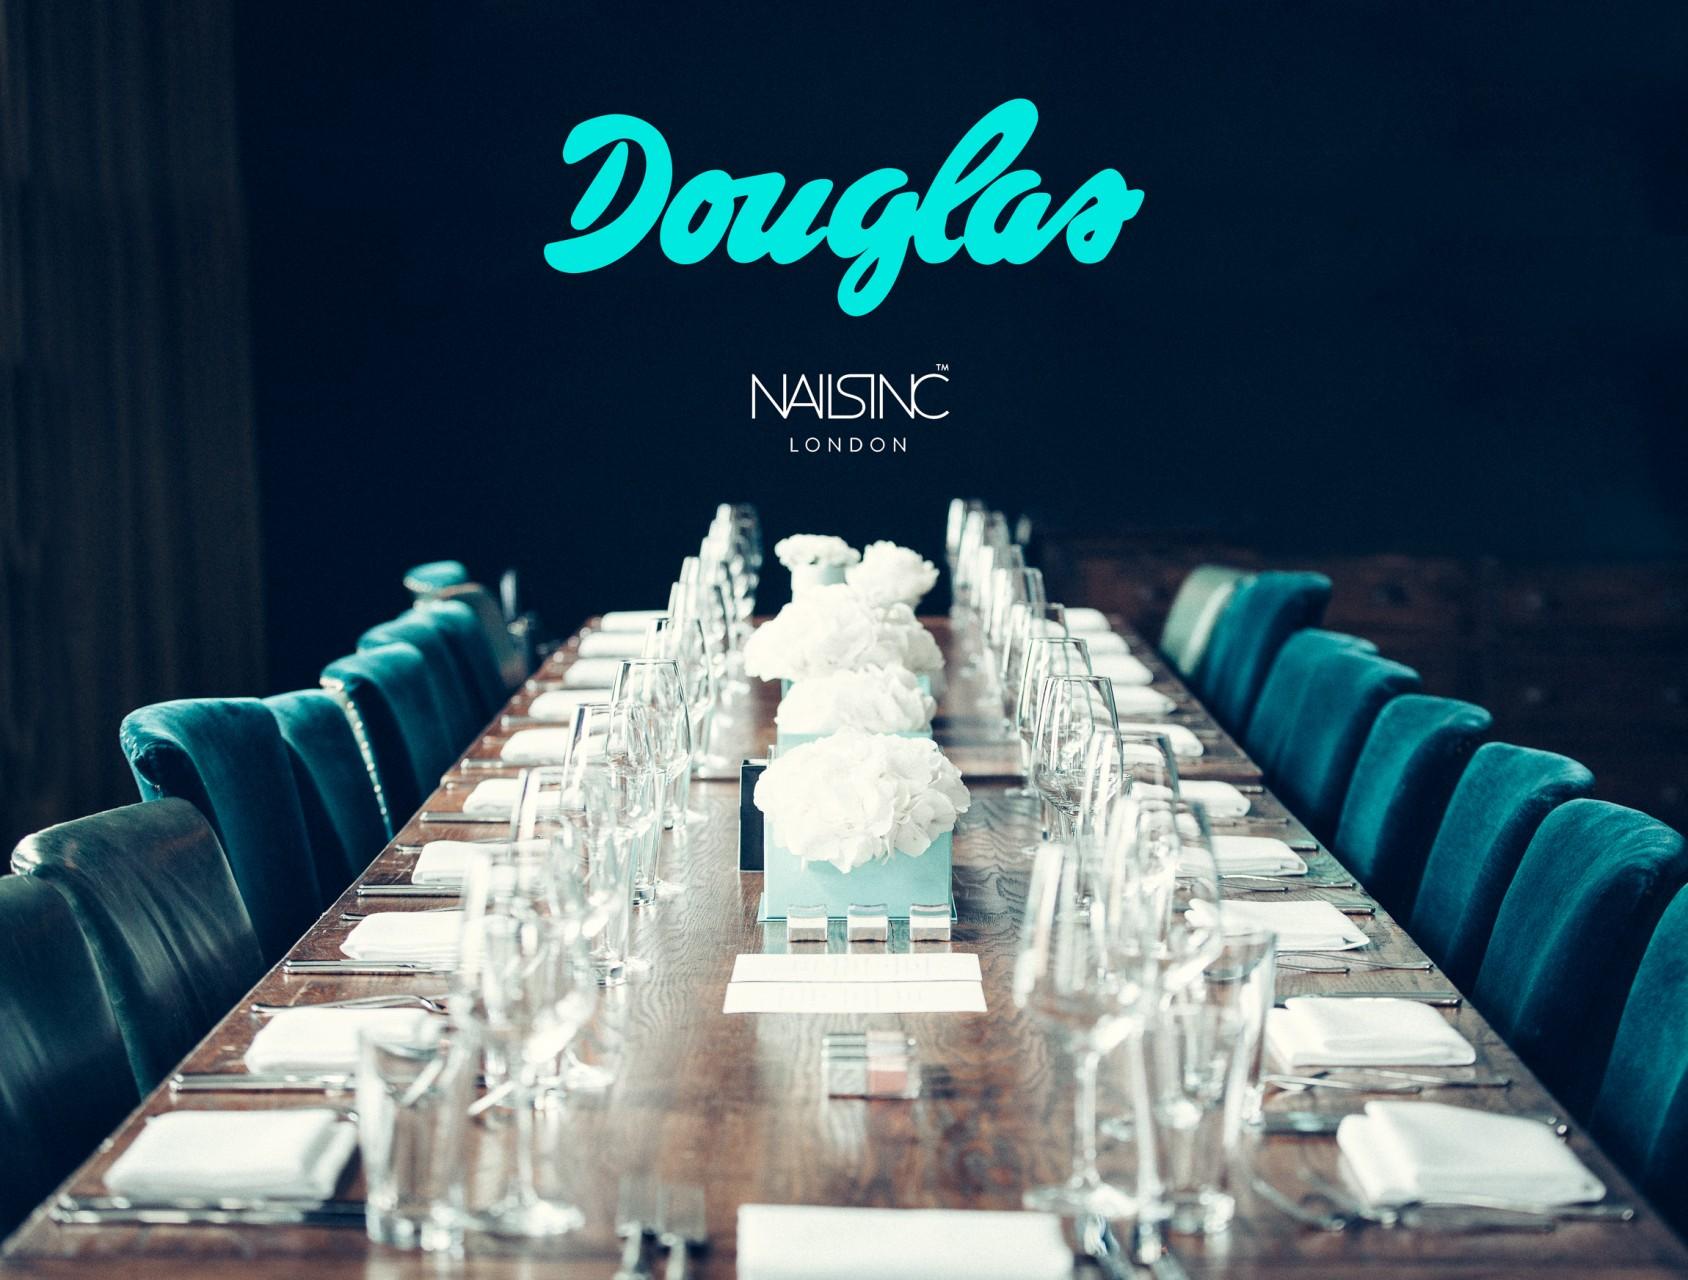 160715_Douglas for DG - 001